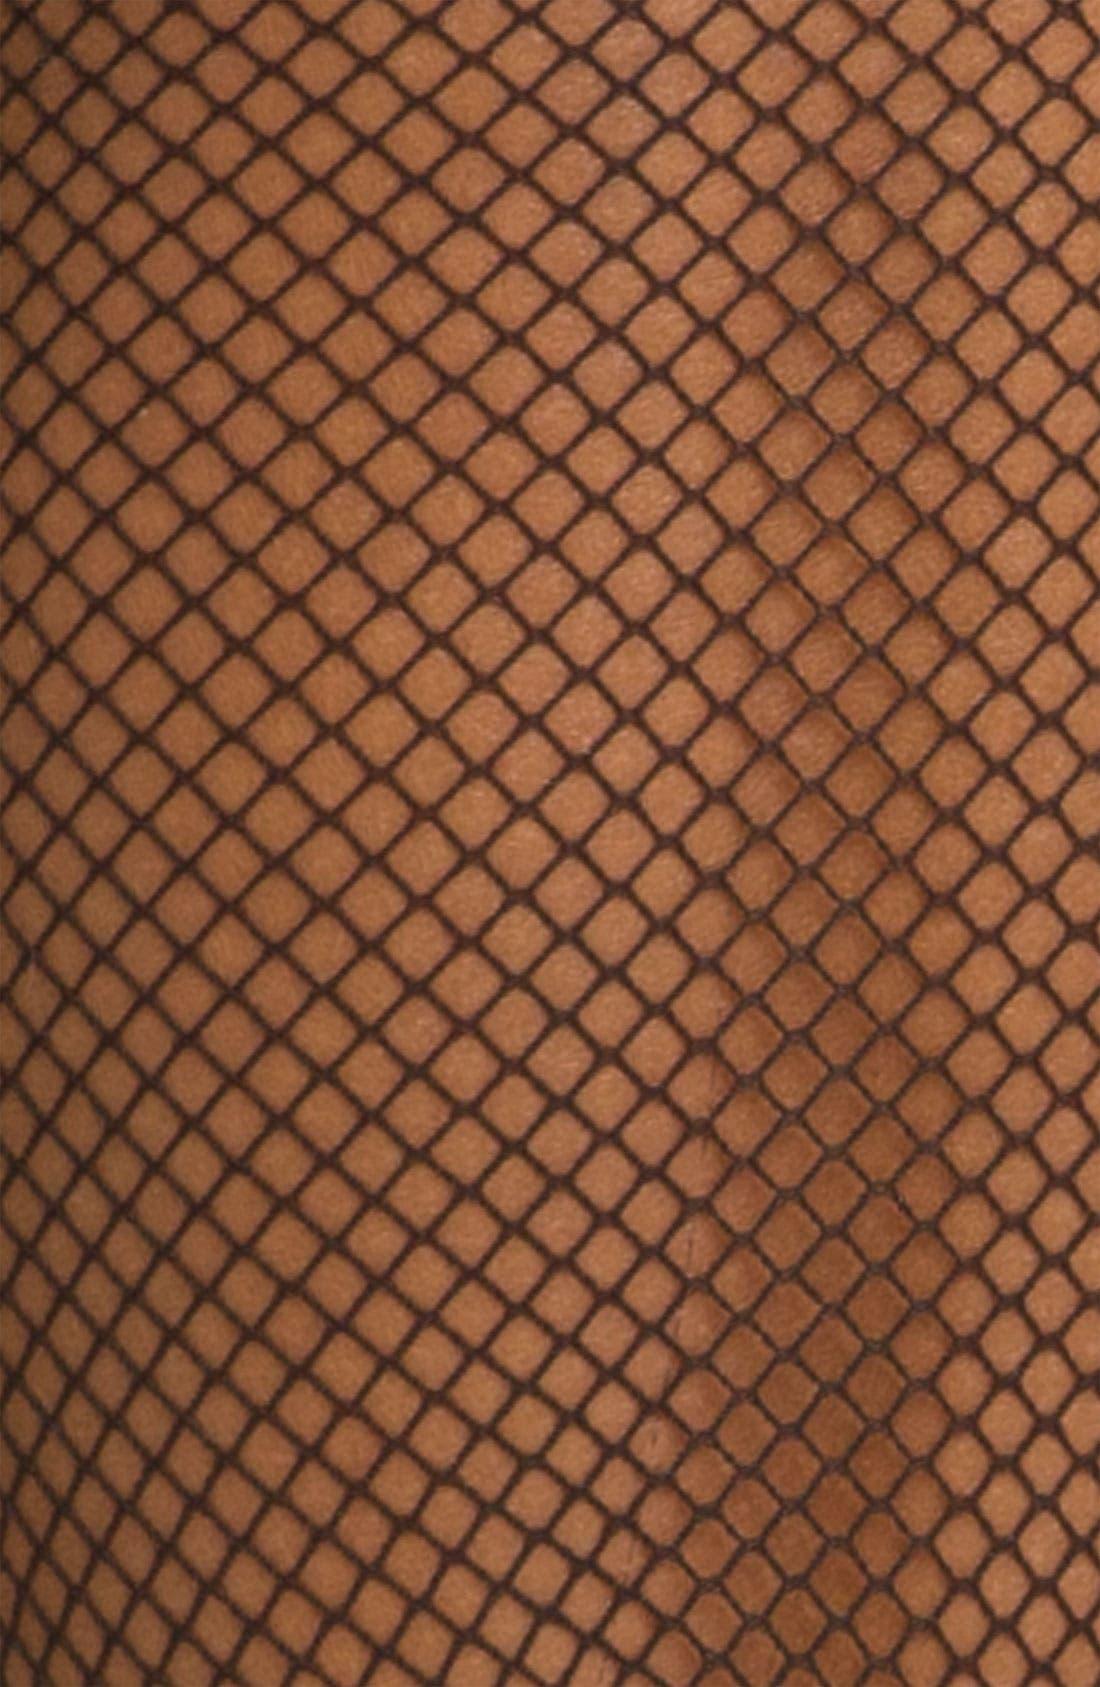 Fishnet Trouser Socks,                             Alternate thumbnail 2, color,                             Black